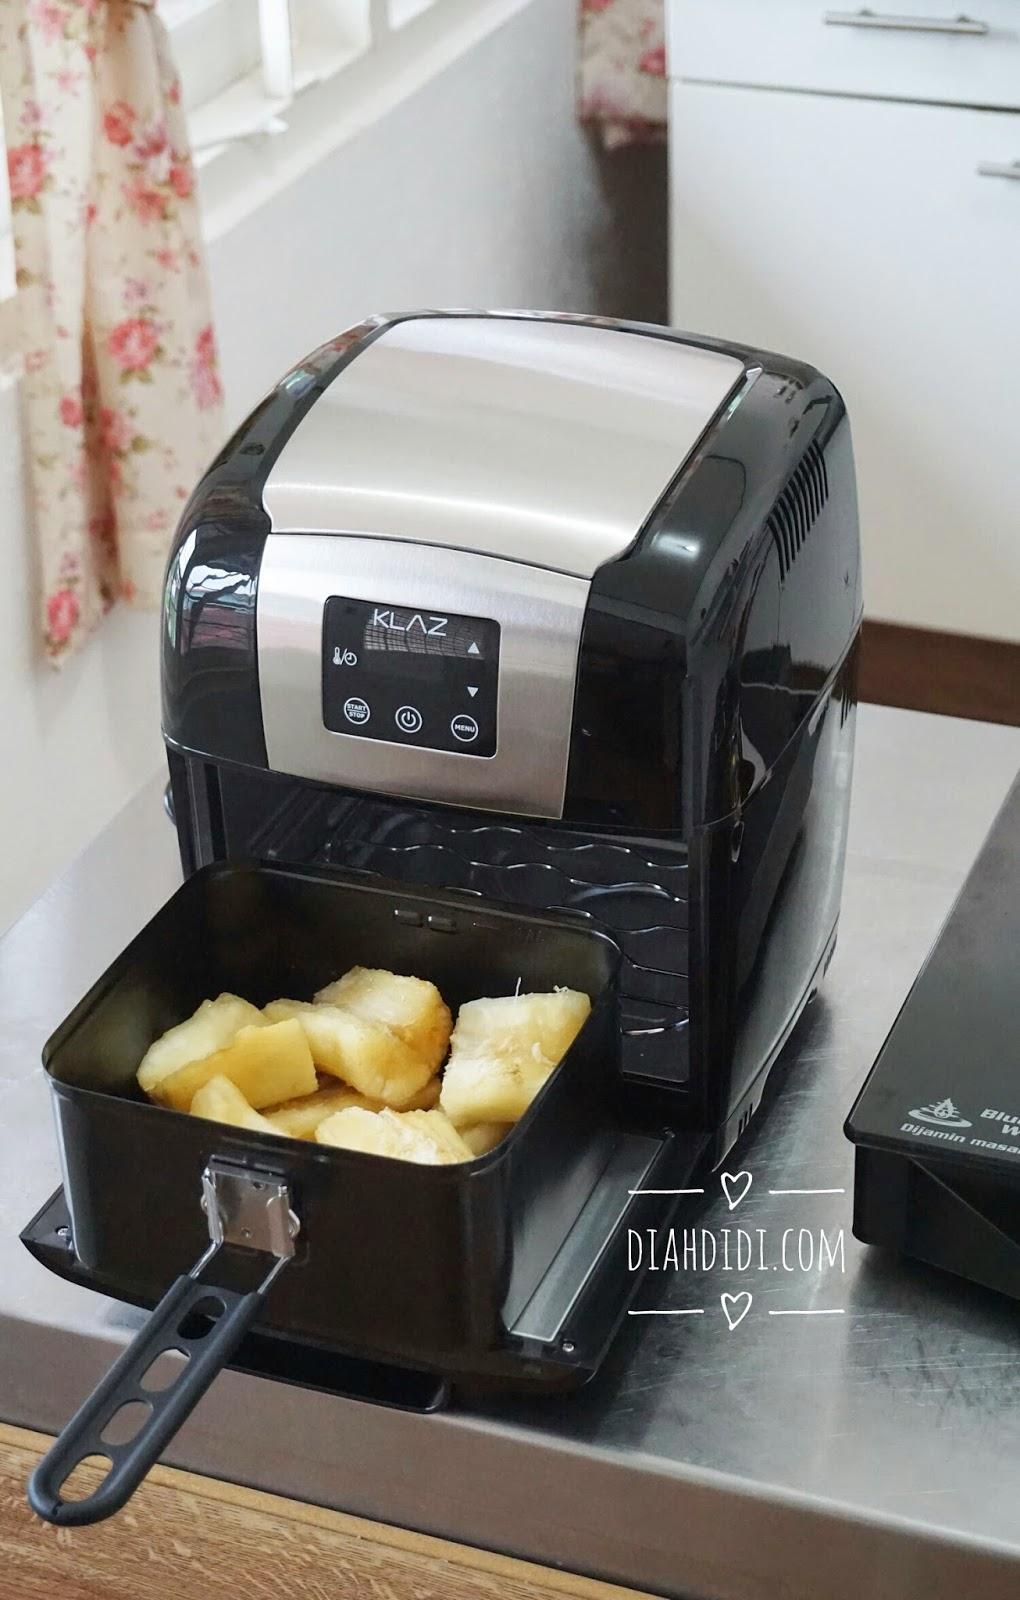 Goreng Tanpa Minyak : goreng, tanpa, minyak, Didi's, Kitchen:, Fryer...Menggoreng, Tanpa, Minyak